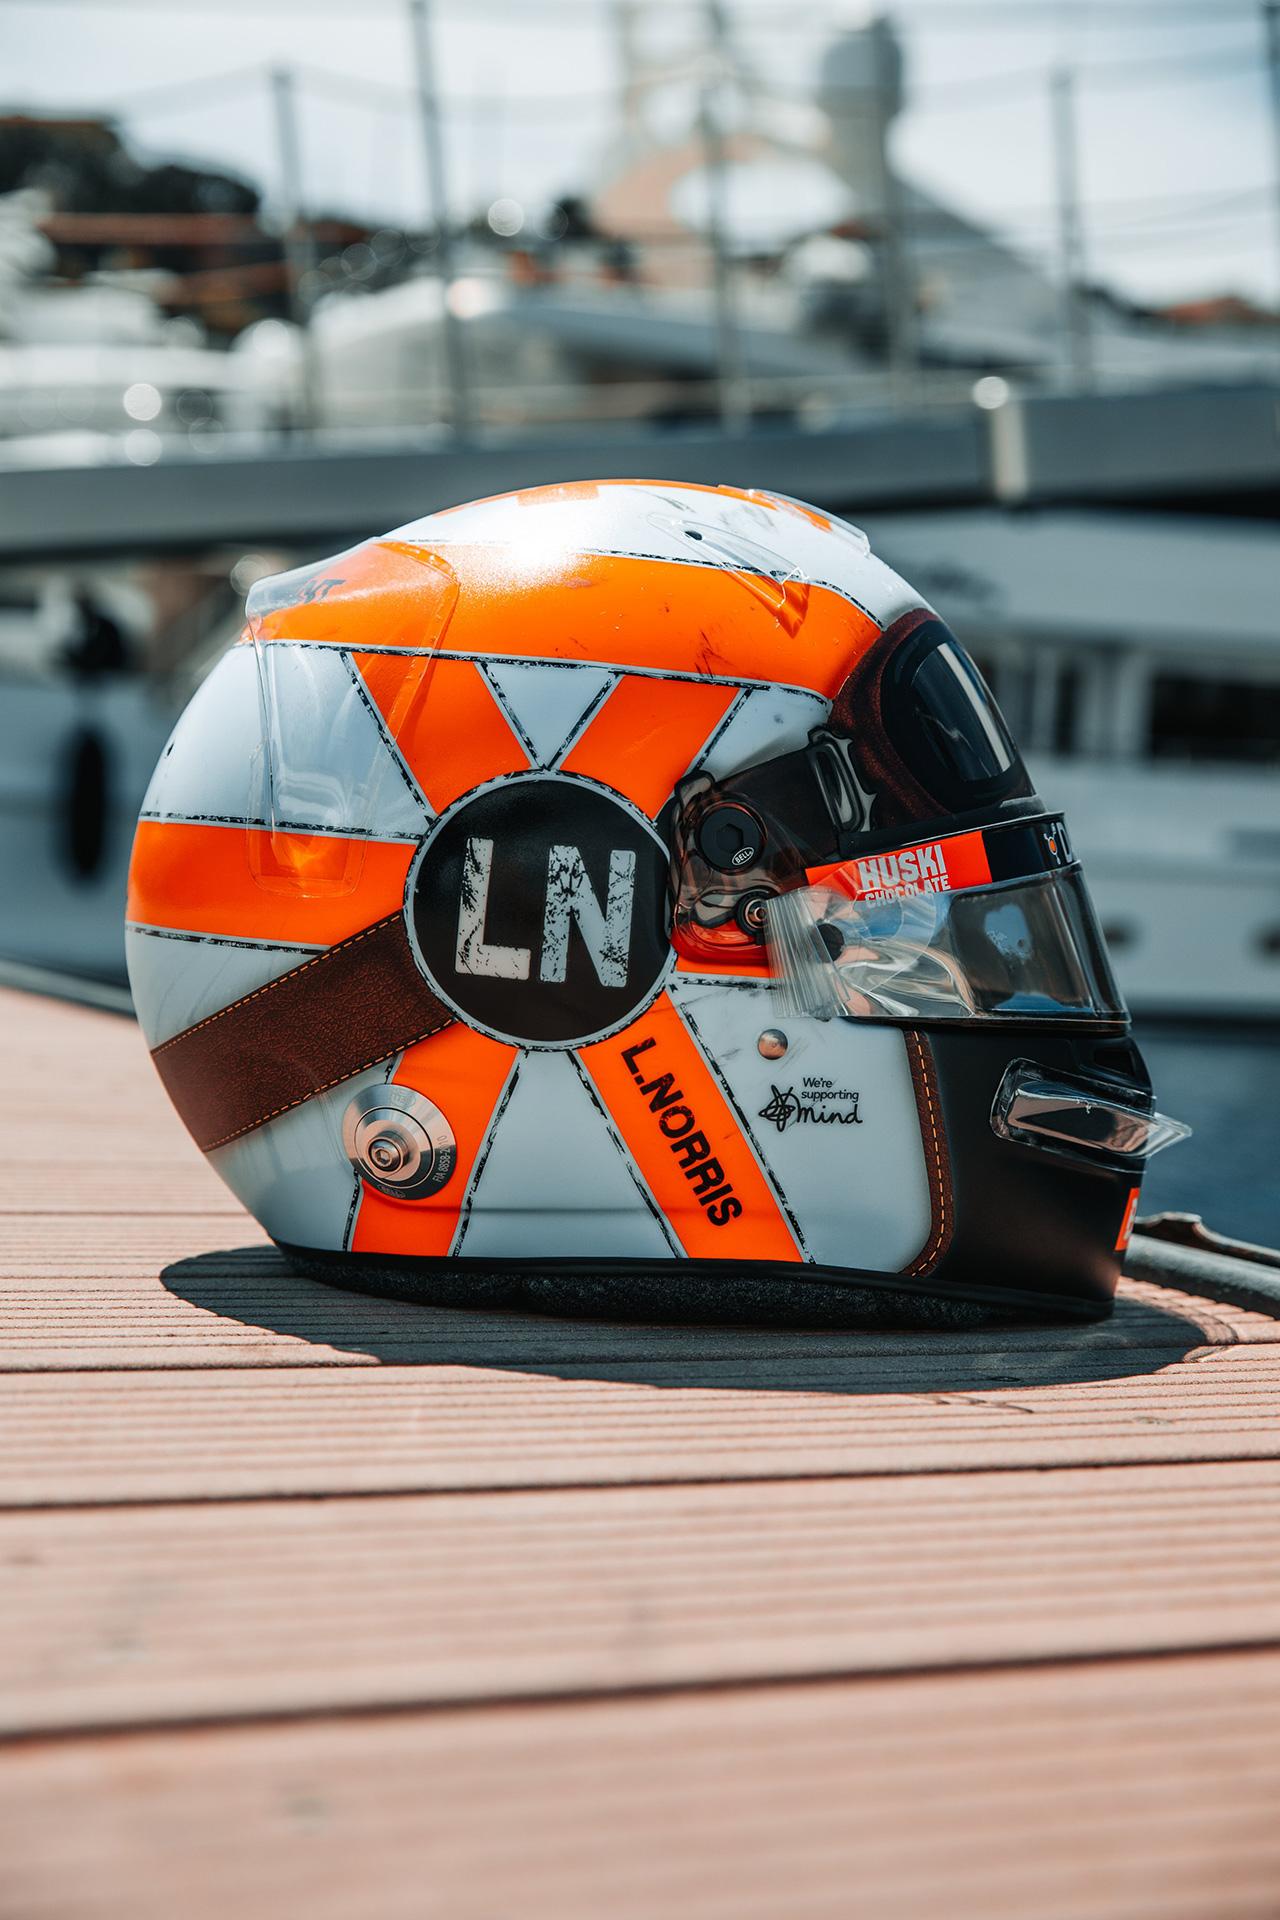 ランド・ノリス F1モナコグランプリ ヘルメット